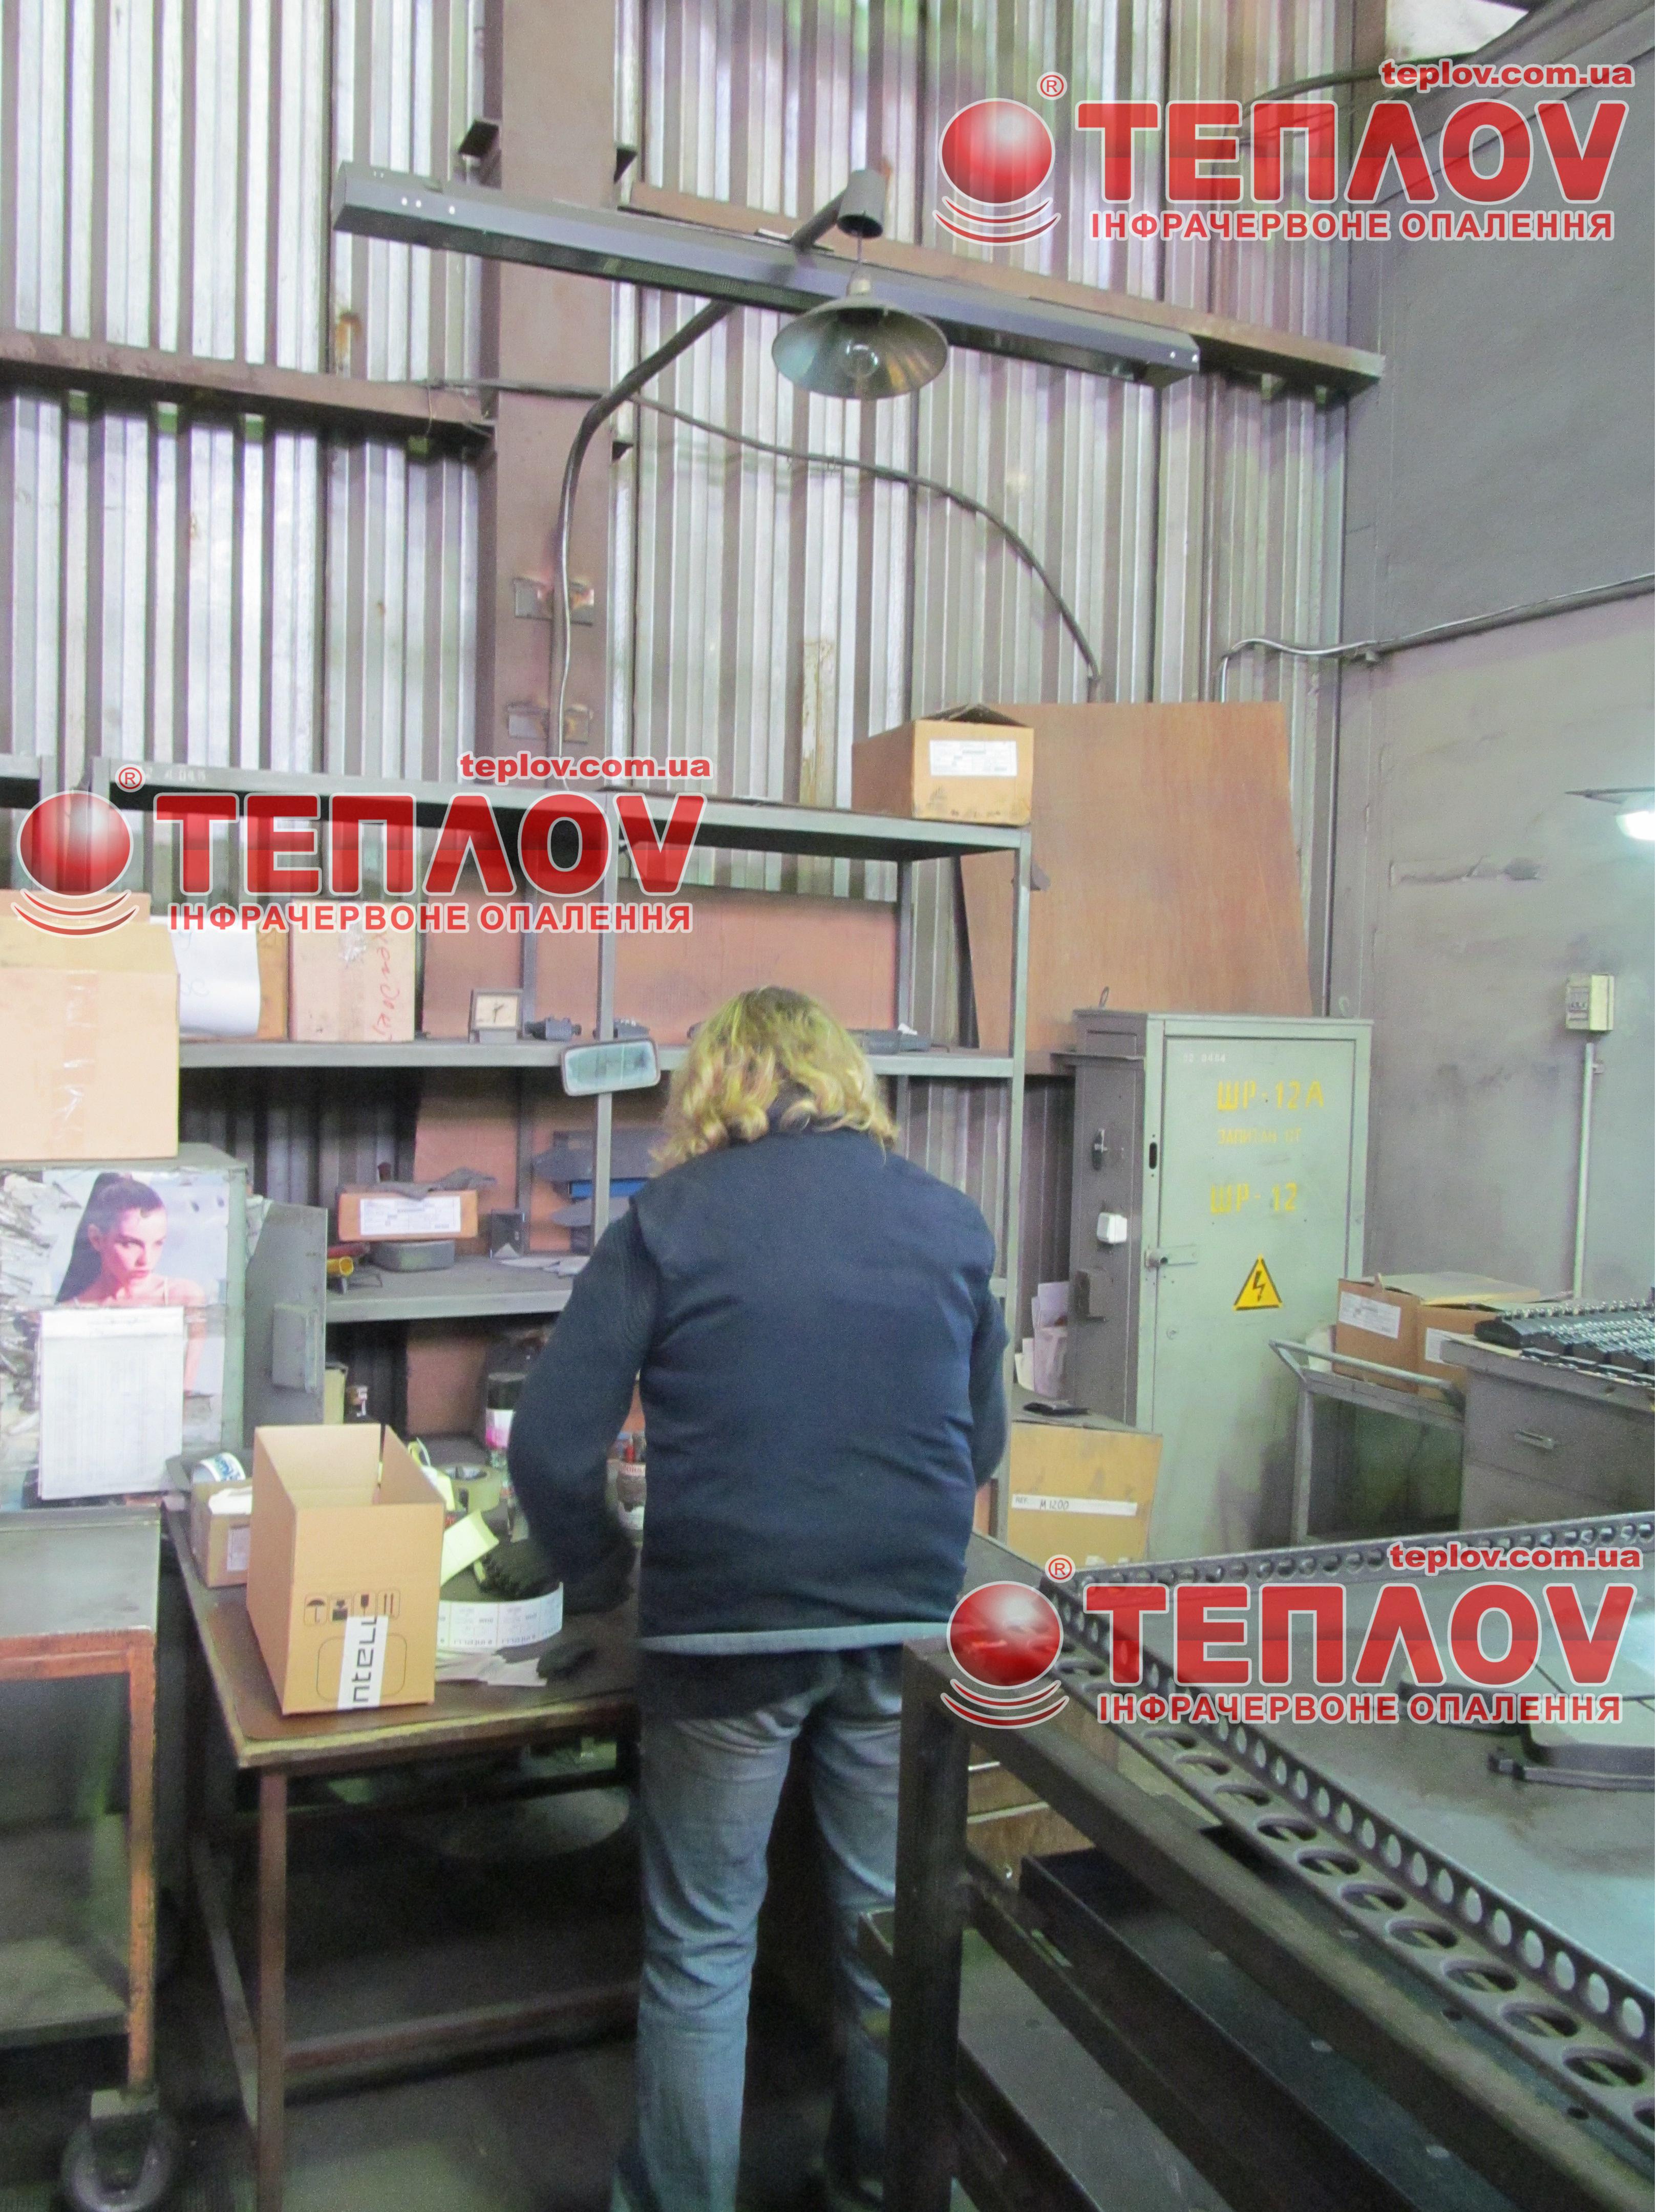 обогрев рабочей зоны инфракрасным обогревателем У1500